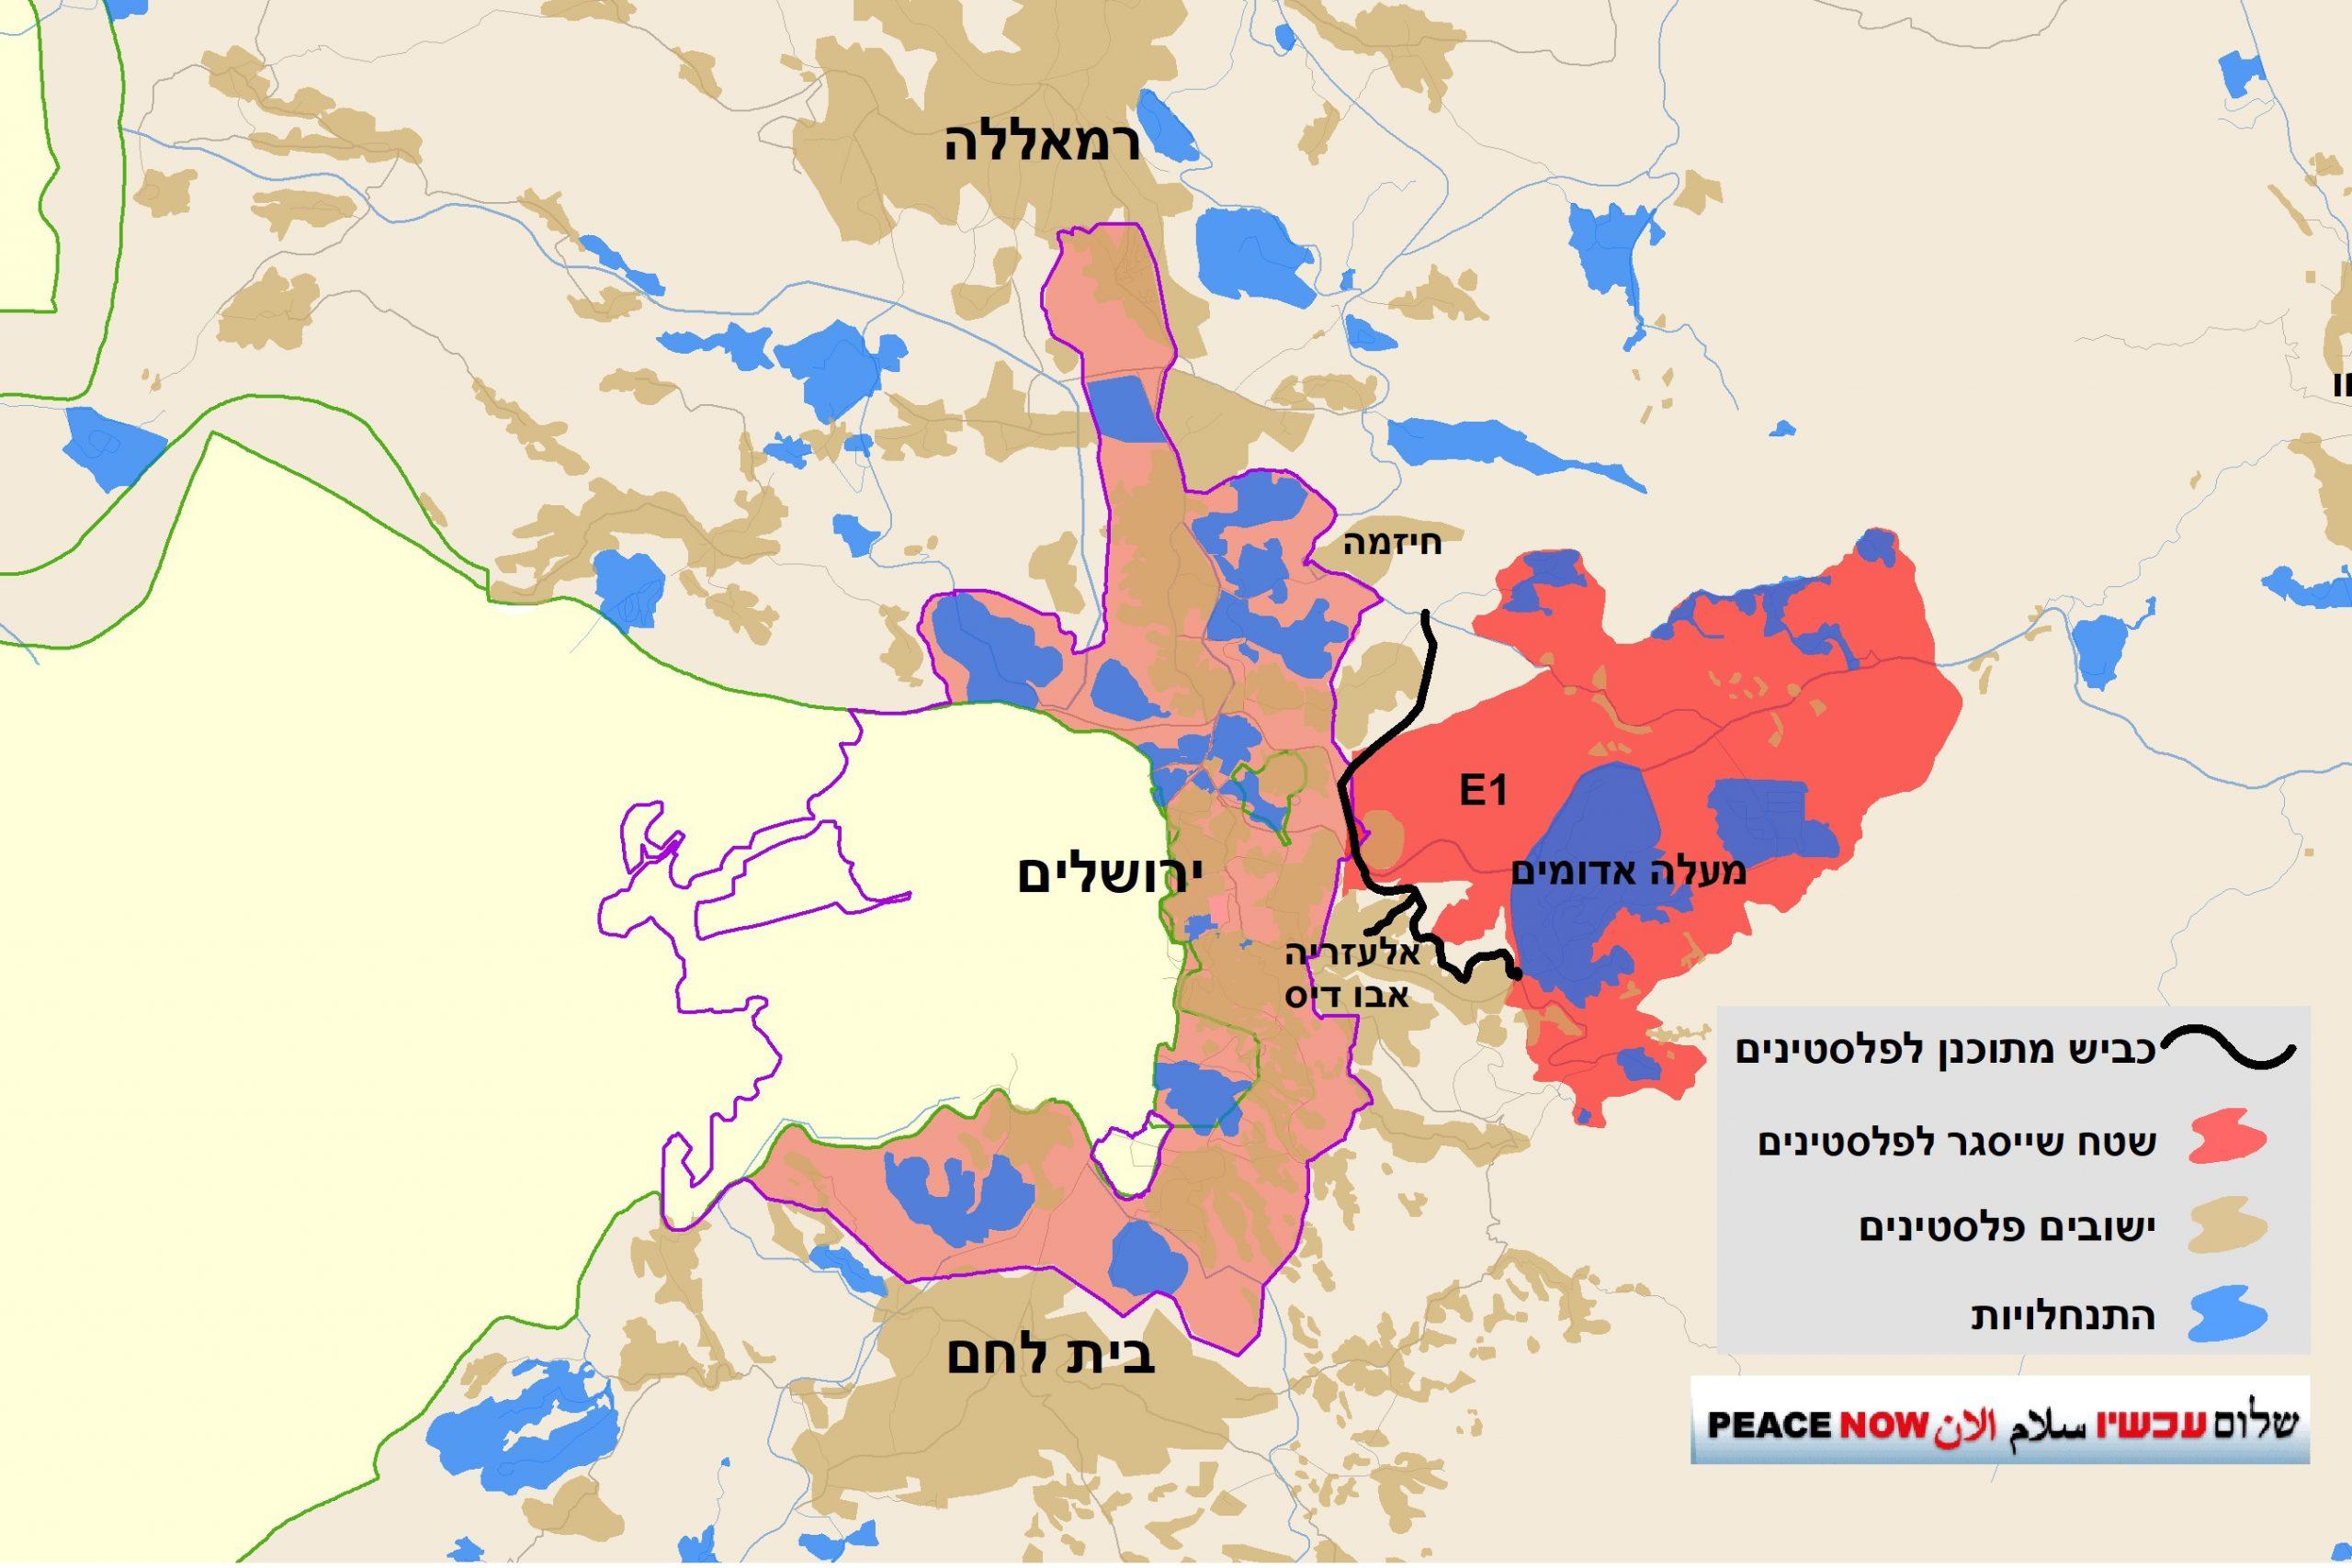 מפת כביש מרקם חיים אזעיים אלעזריה ושטח שייסגר לפלסטינים